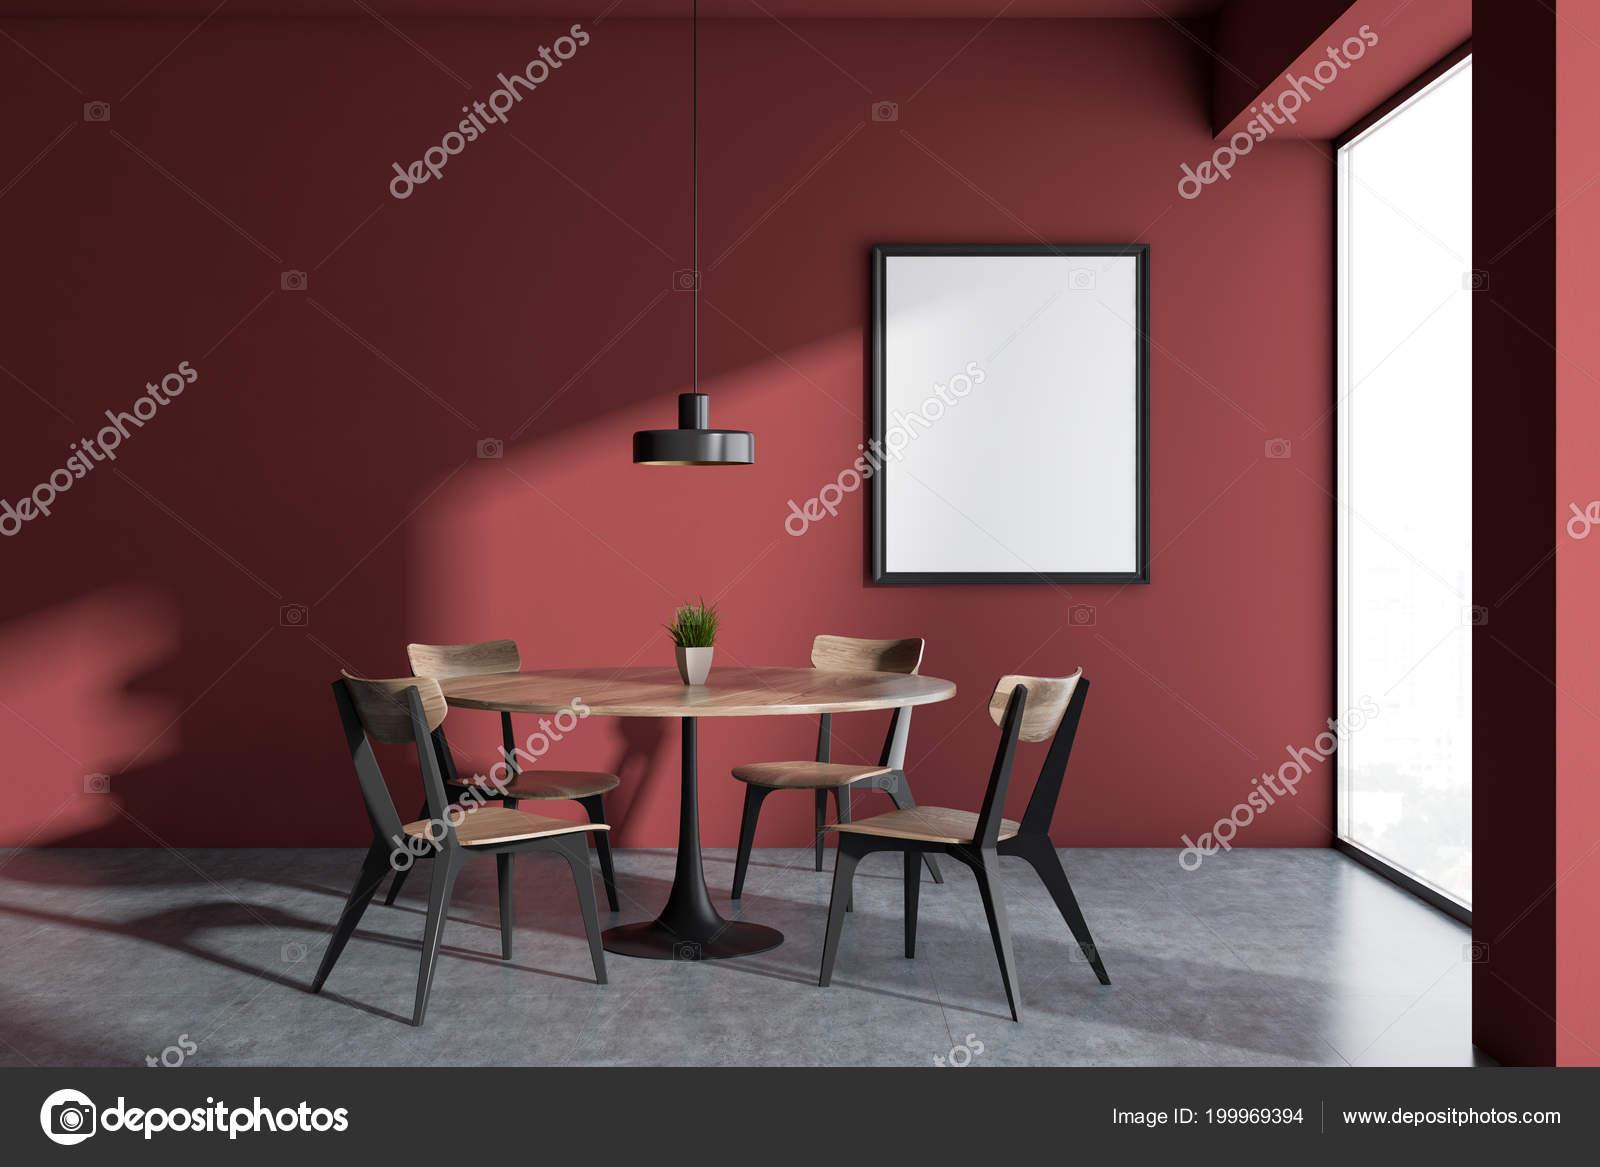 Rode muur minimalistische scandinavische stijl eetkamer interieur